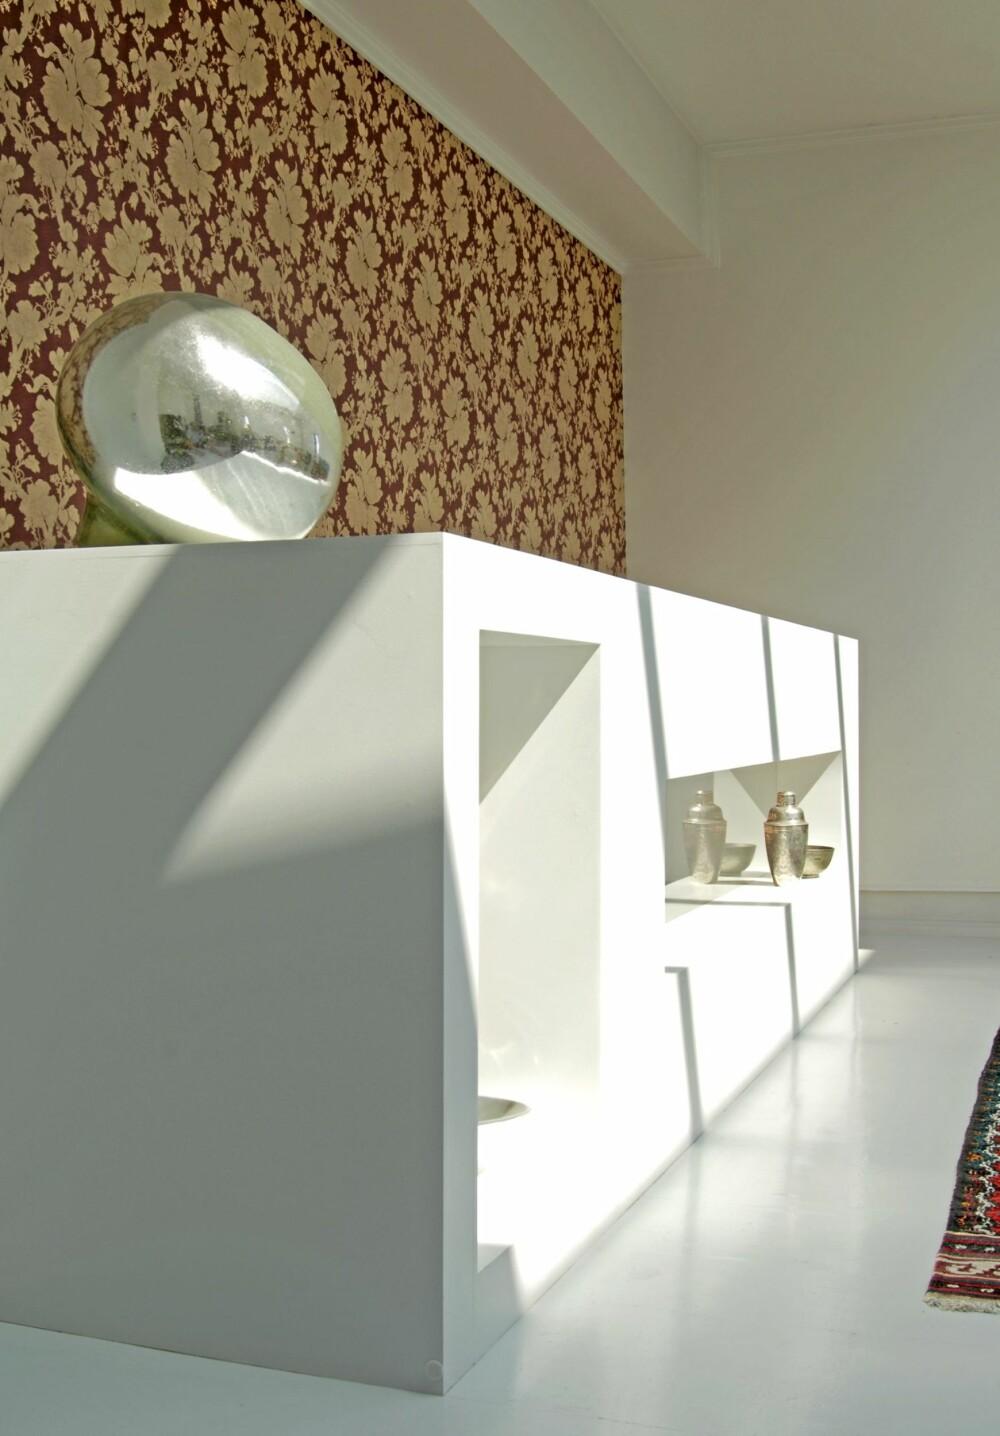 ET ROMVESEN: Romdeleren tegnet av kunstner Camilla Luihn er et  originalt innslag i interiøret. Det er også den nesten barokke tapeten som pryder vegger i hovedrommet og trappegangen.